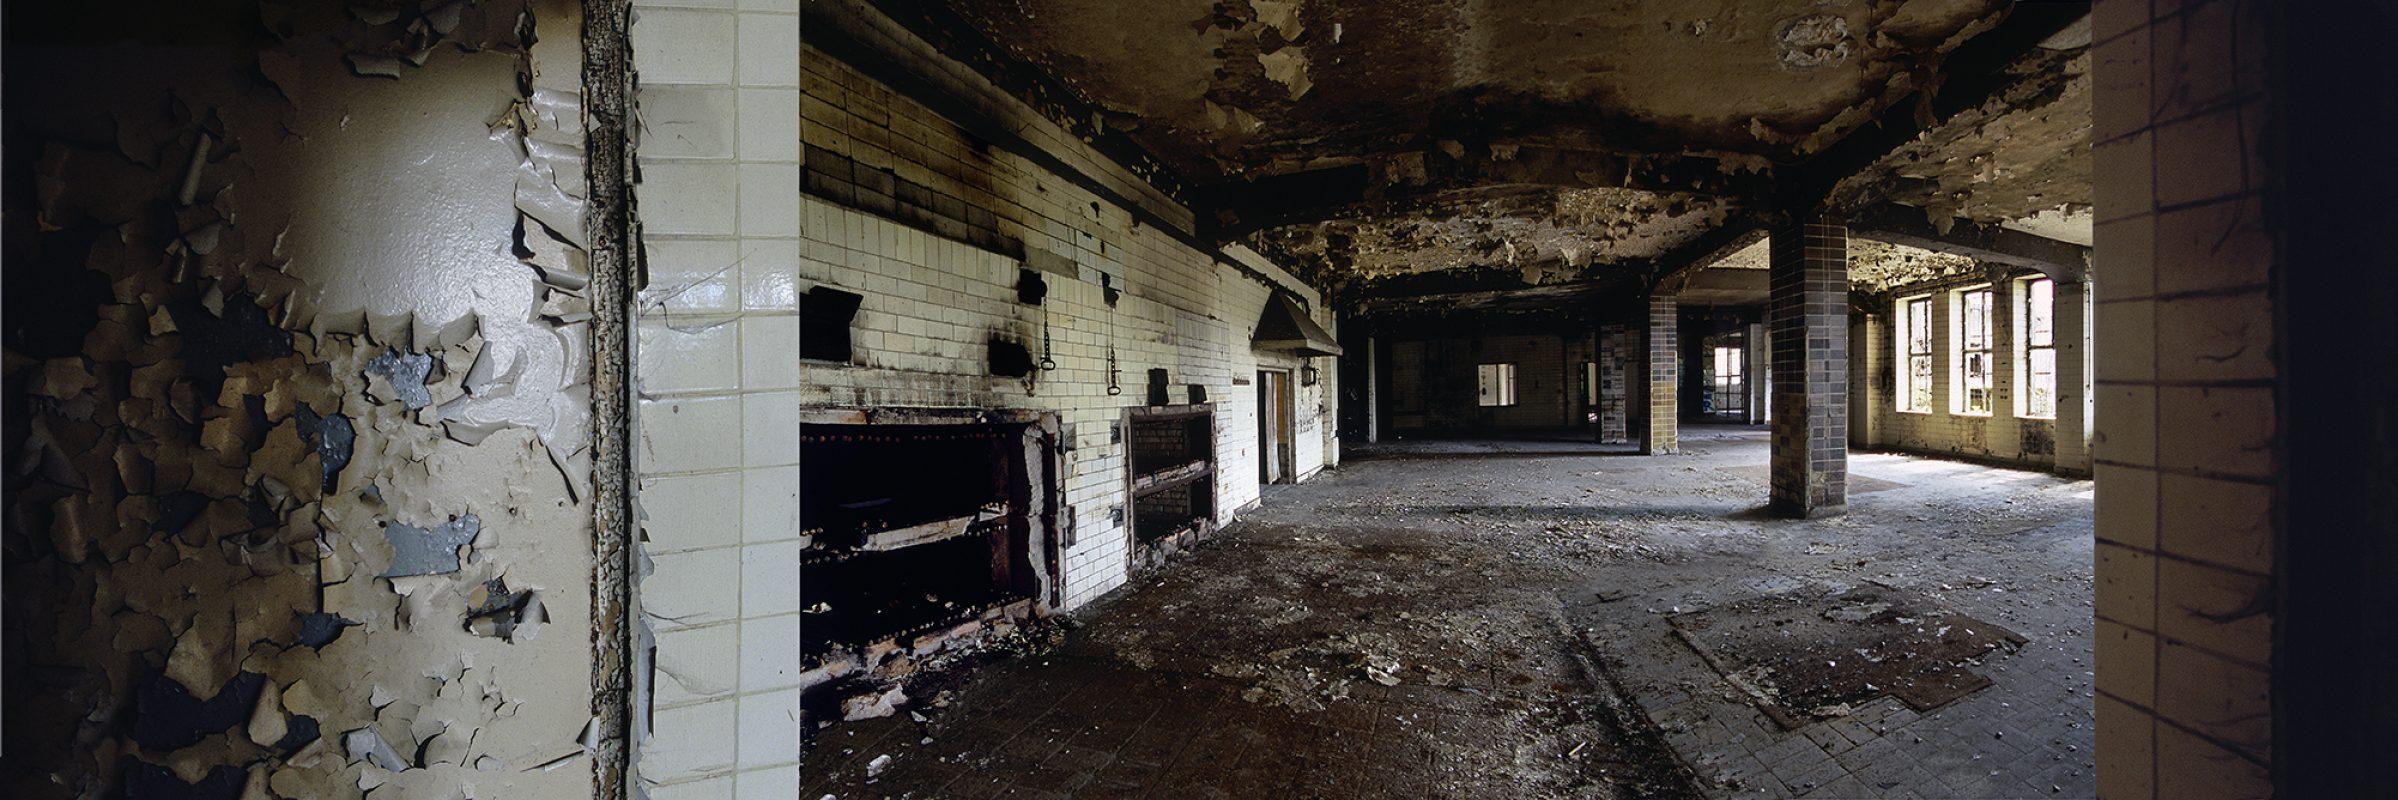 KZ-Außenlager Sachsenhausen, Häftlingsbäckerei am Klinkerwerk, kleiner Backraum